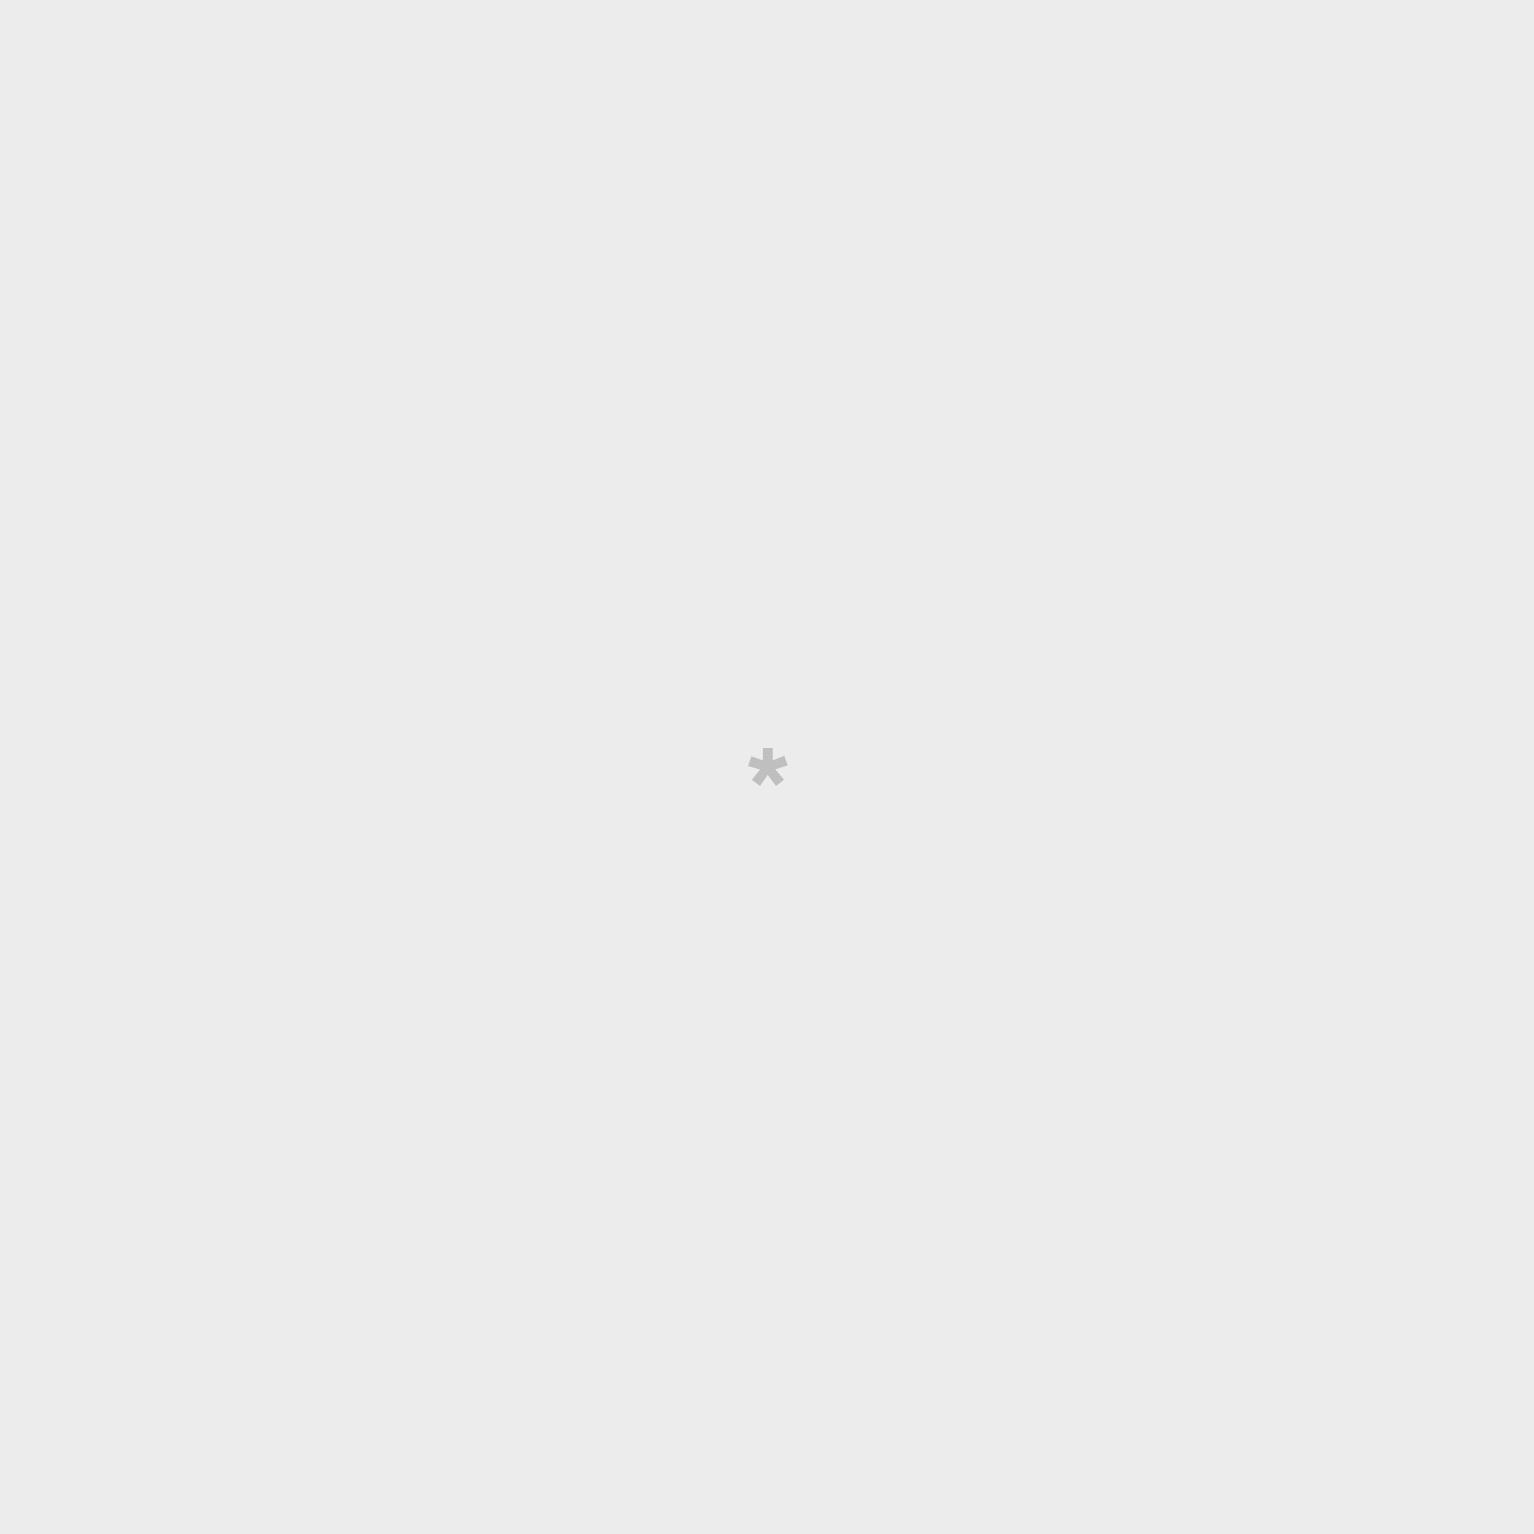 Caneca Pastel - Dorme menos, sonha mais (Azul)